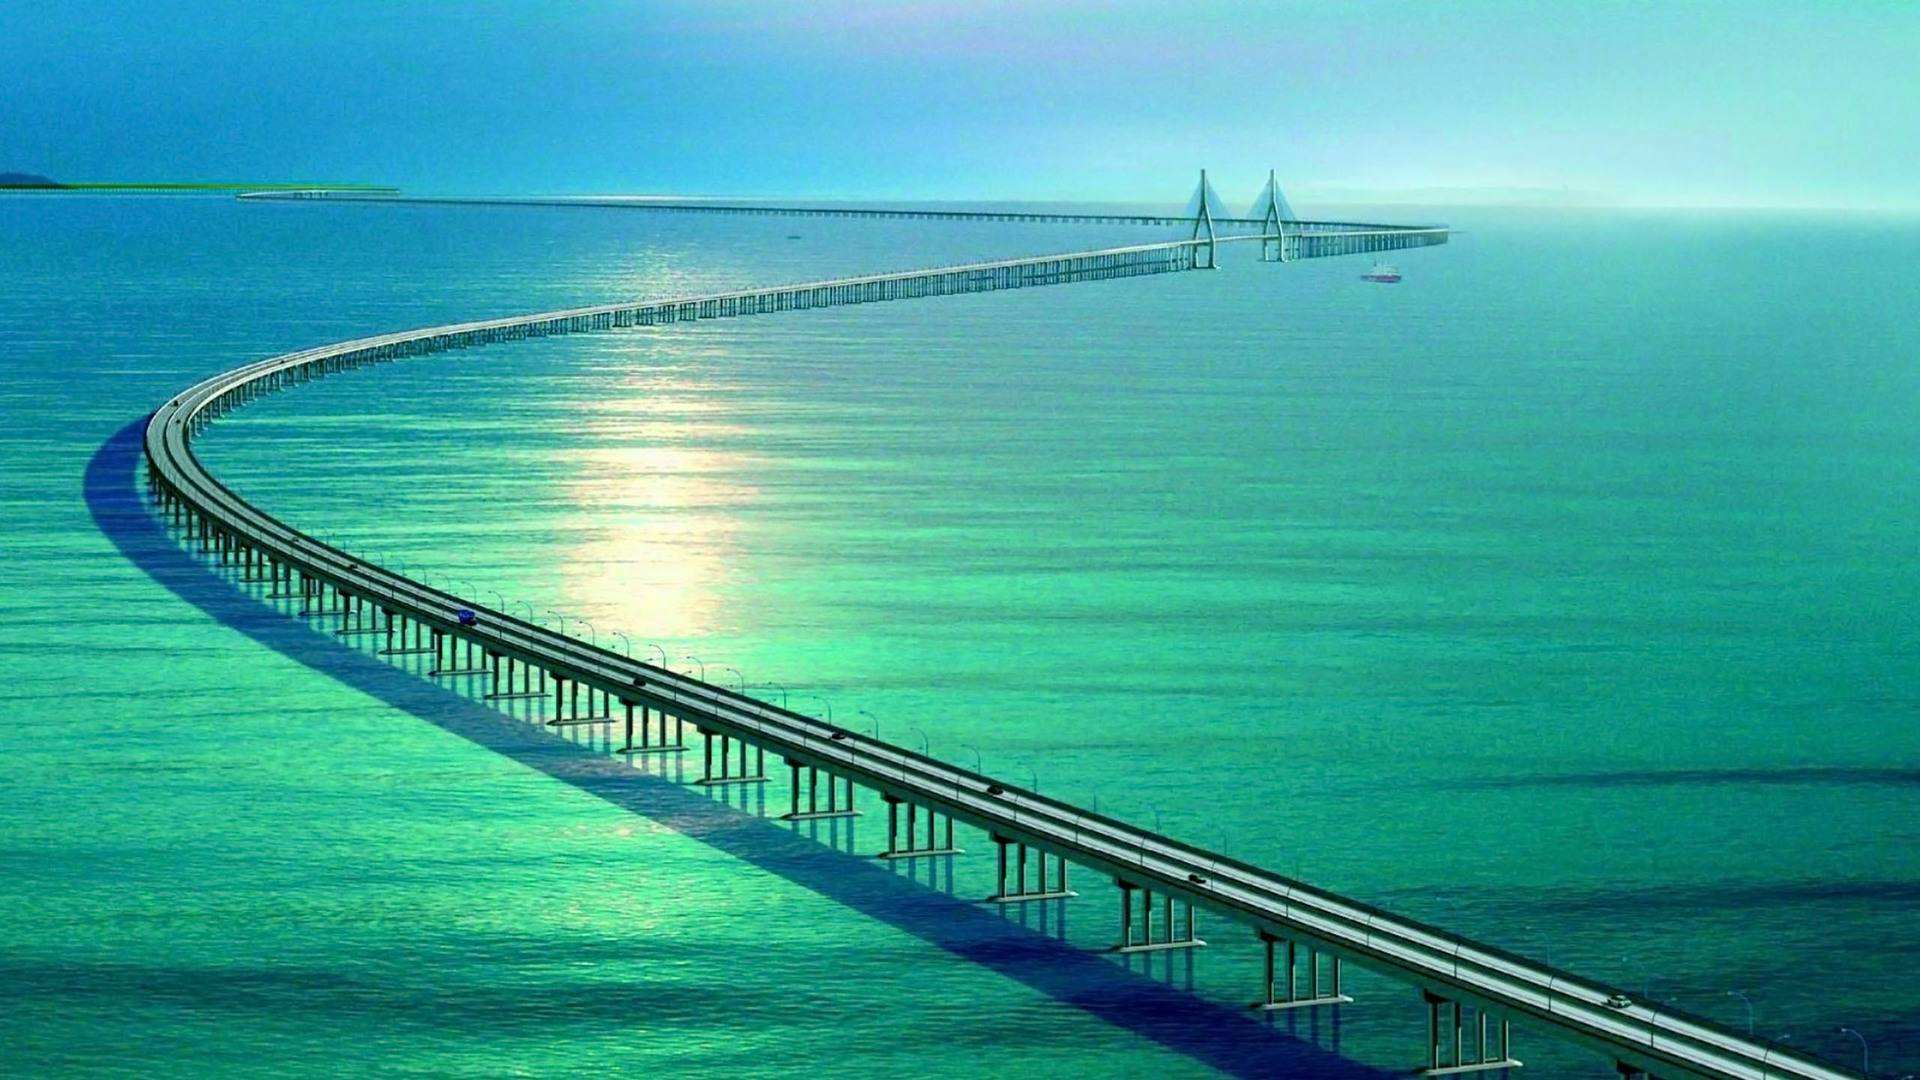 港珠澳大桥通车首月 大桥澳门口岸出入境80万人次